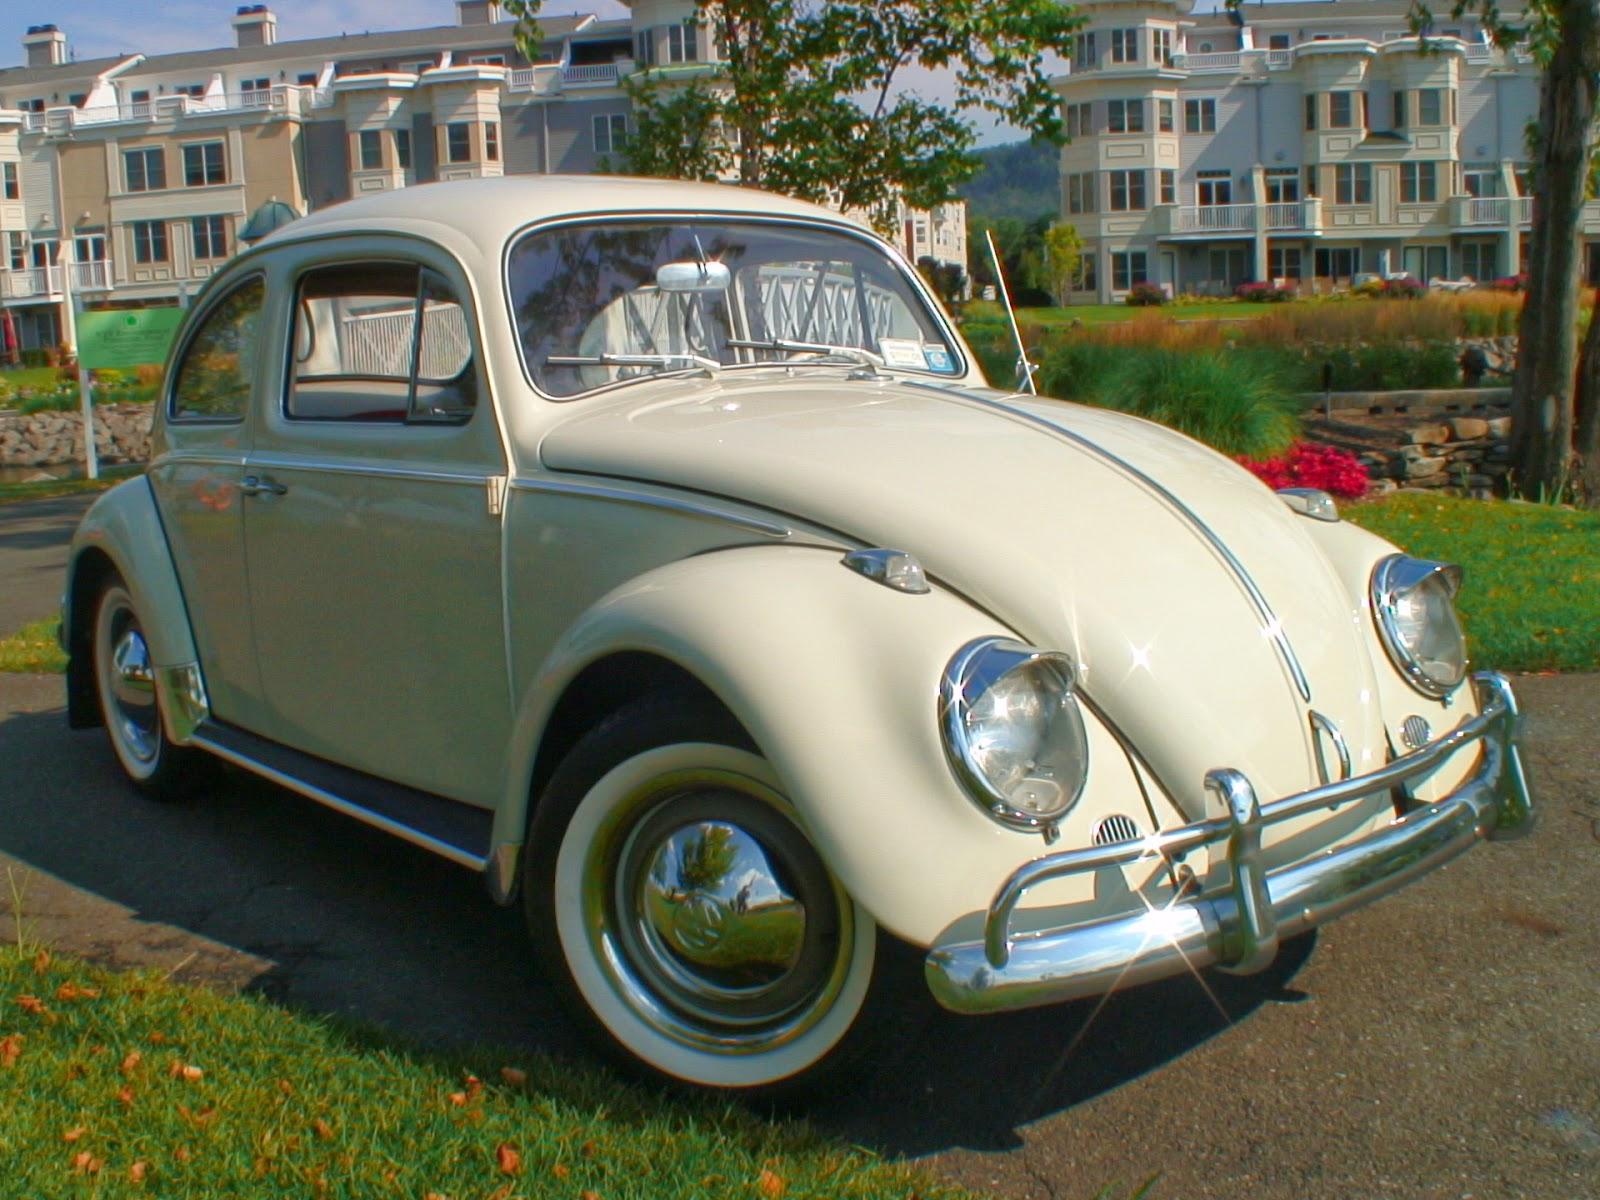 volkswagen  clásico color crema